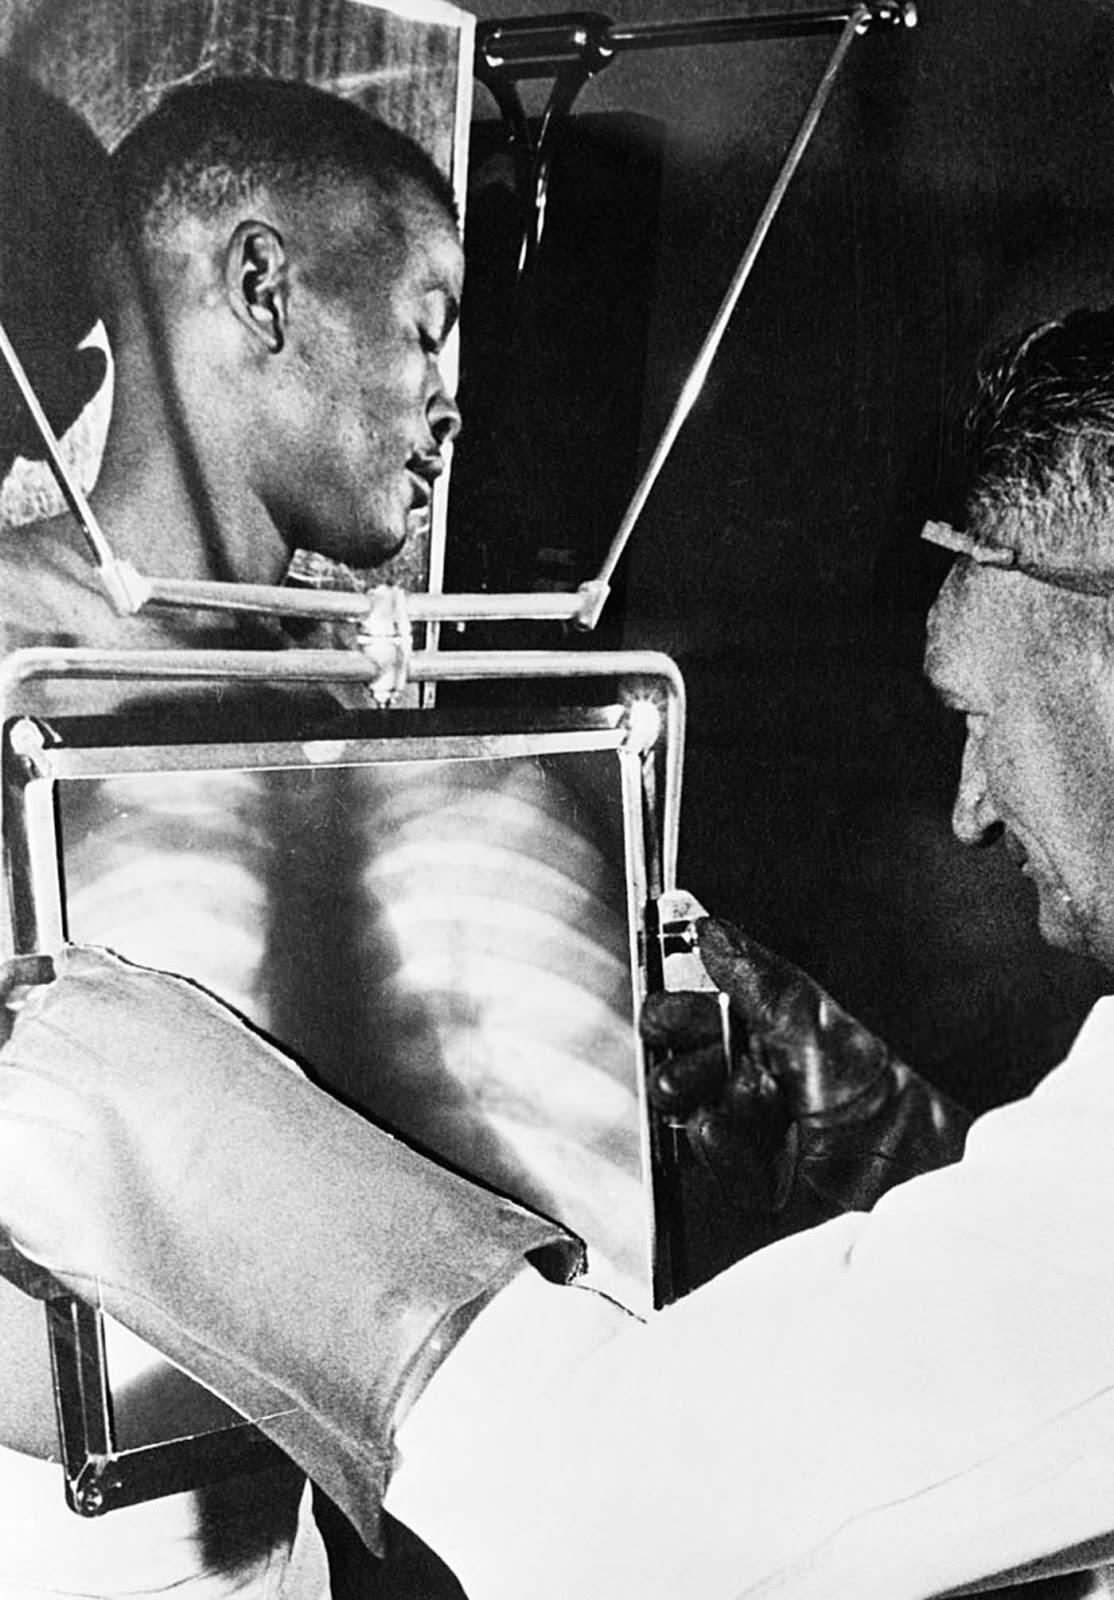 Los trabajadores de la mina De Beer son sometidos a rayos X al final de cada turno antes de abandonar las minas de diamantes, Kimberley, Sudáfrica, octubre de 1954.